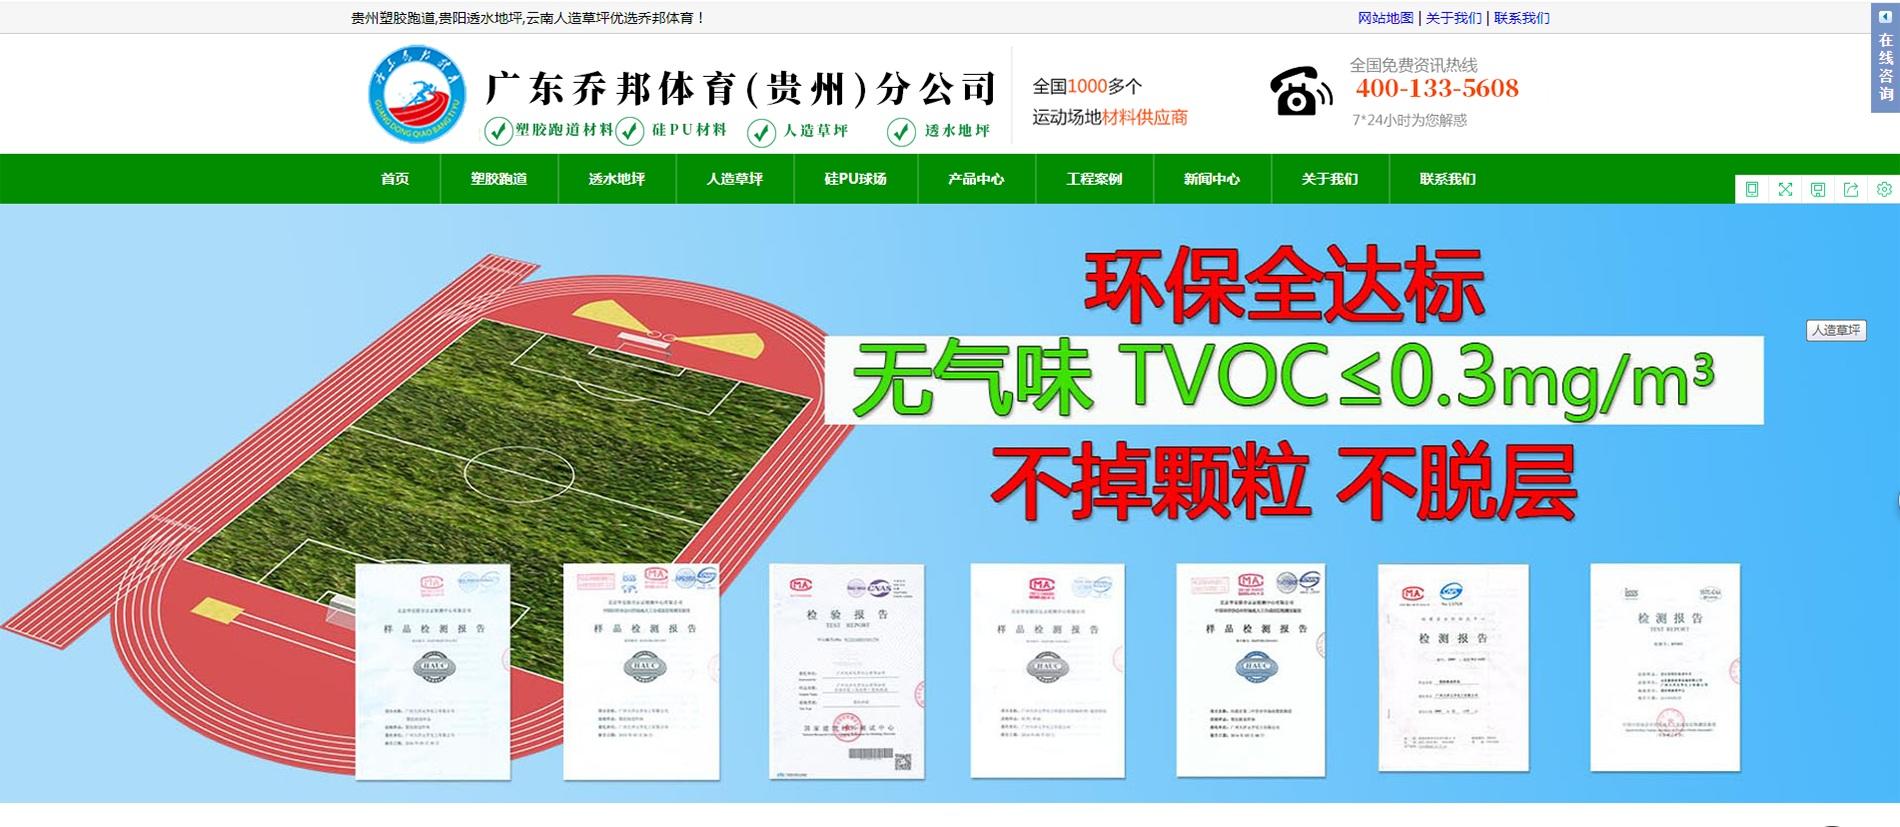 塑膠跑道行業的網站要怎么做?塑膠跑道網站建設案例